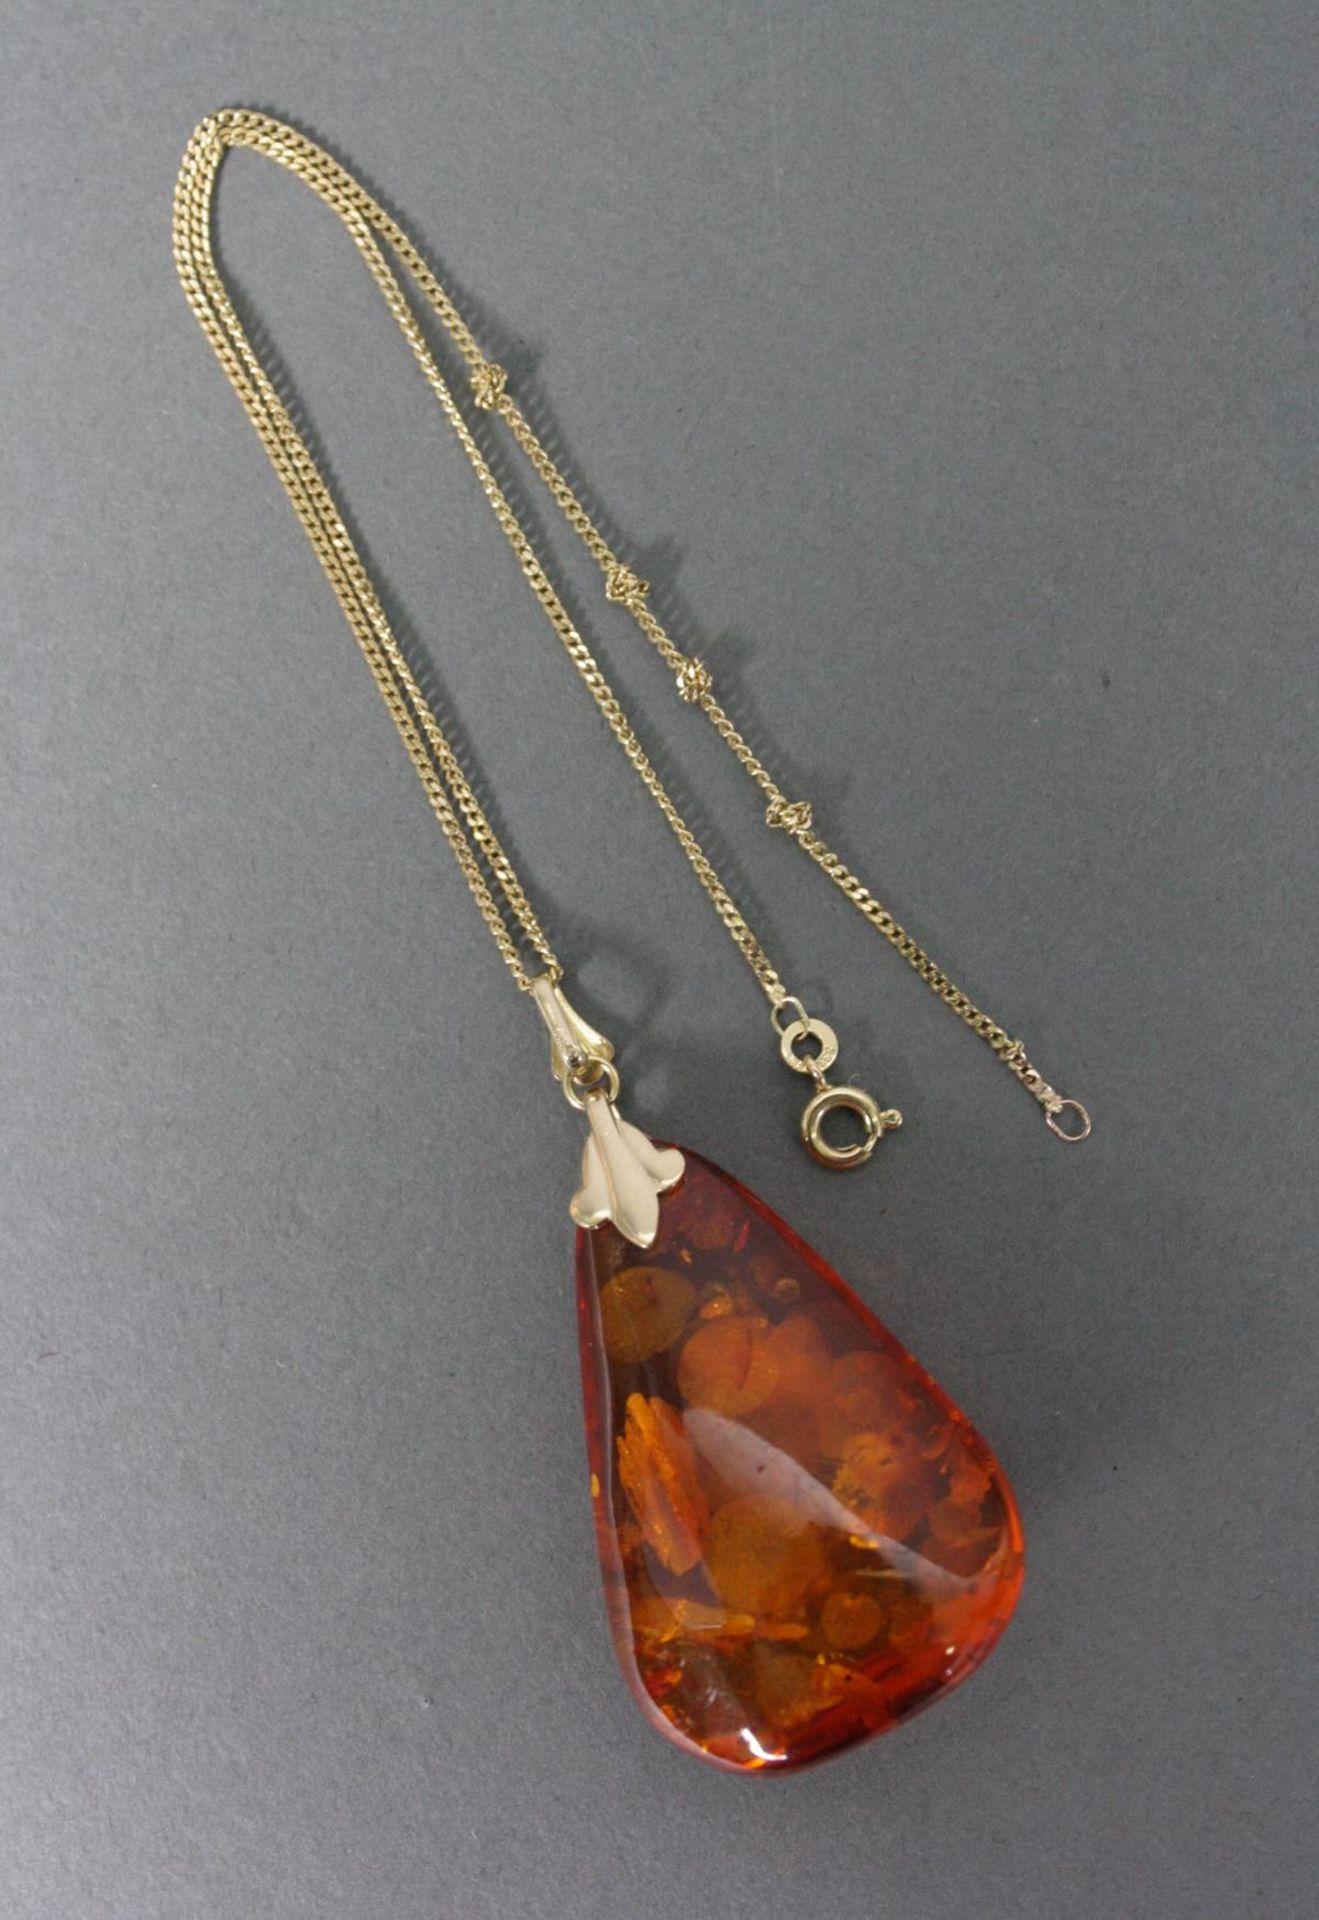 Halskette mit Bernsteinanhänger, 8 und 14 Karat Gelbgold